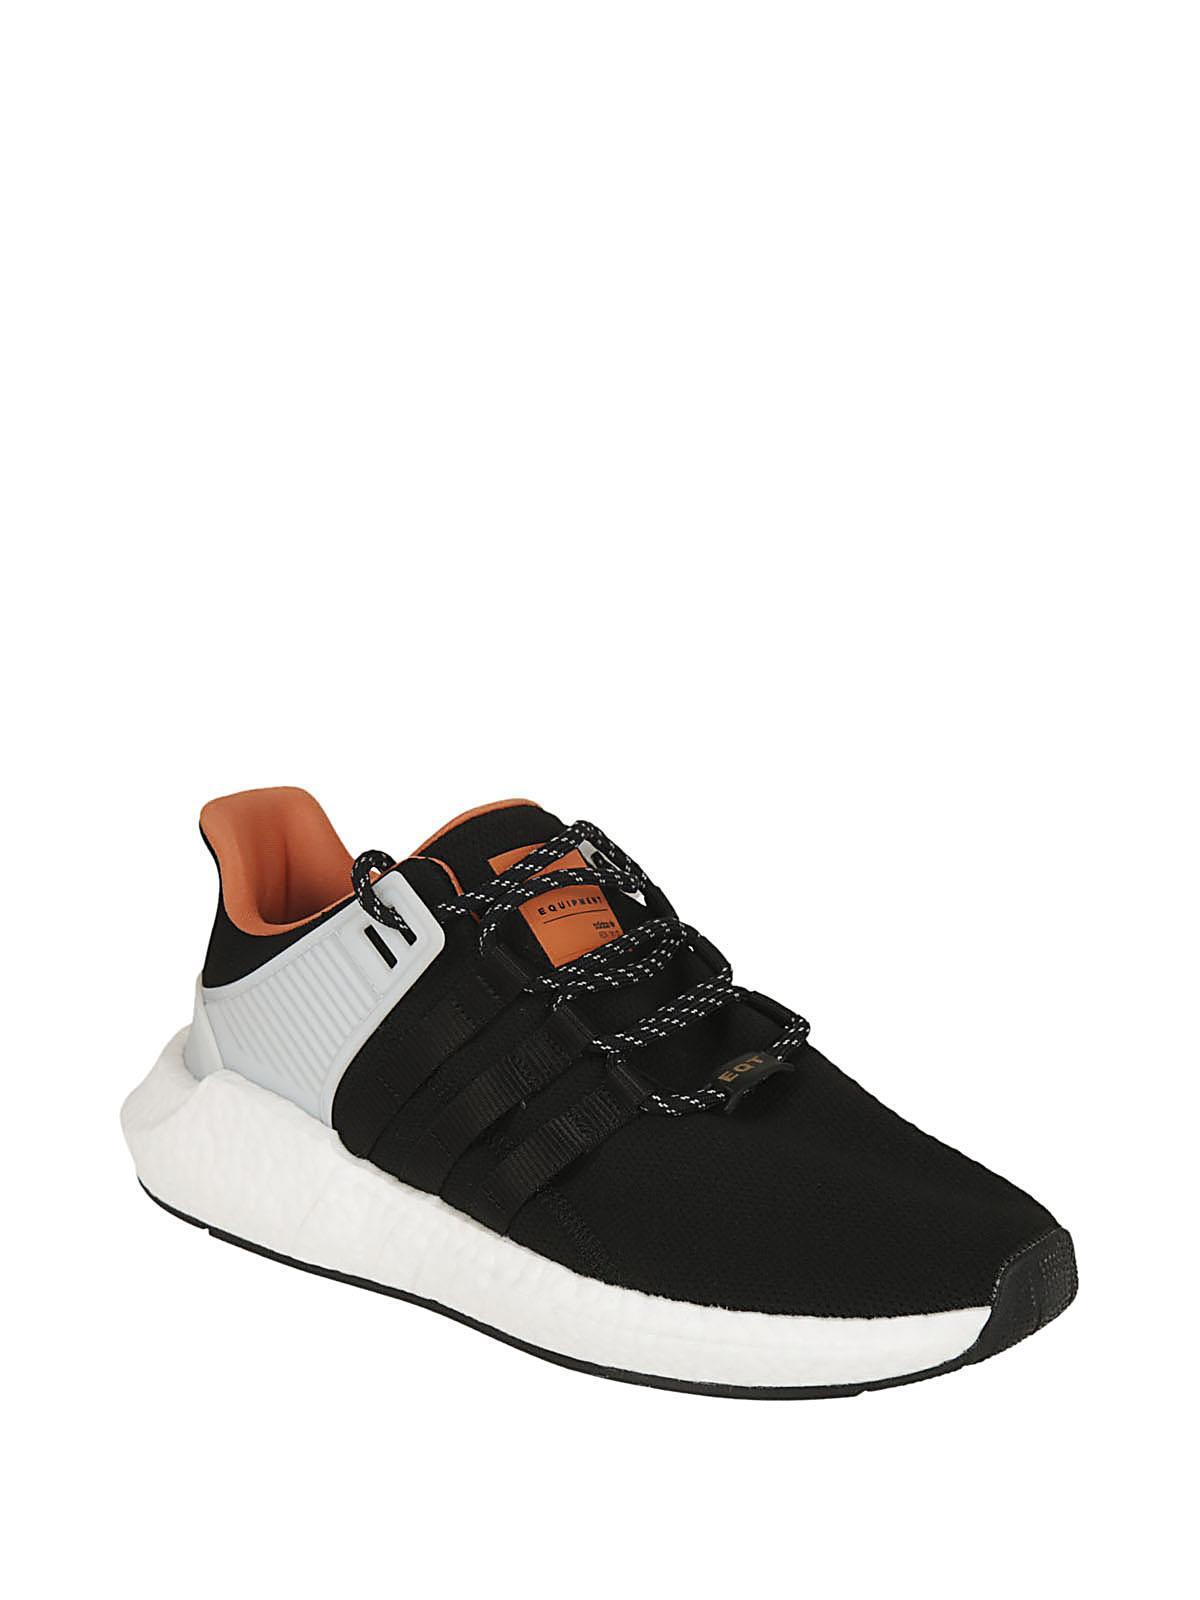 new product 9d2f7 d9920 adidas Originals ADIDAS ORIGINALS Sneaker eqt support 93 1 nera in Black  for Men - Lyst